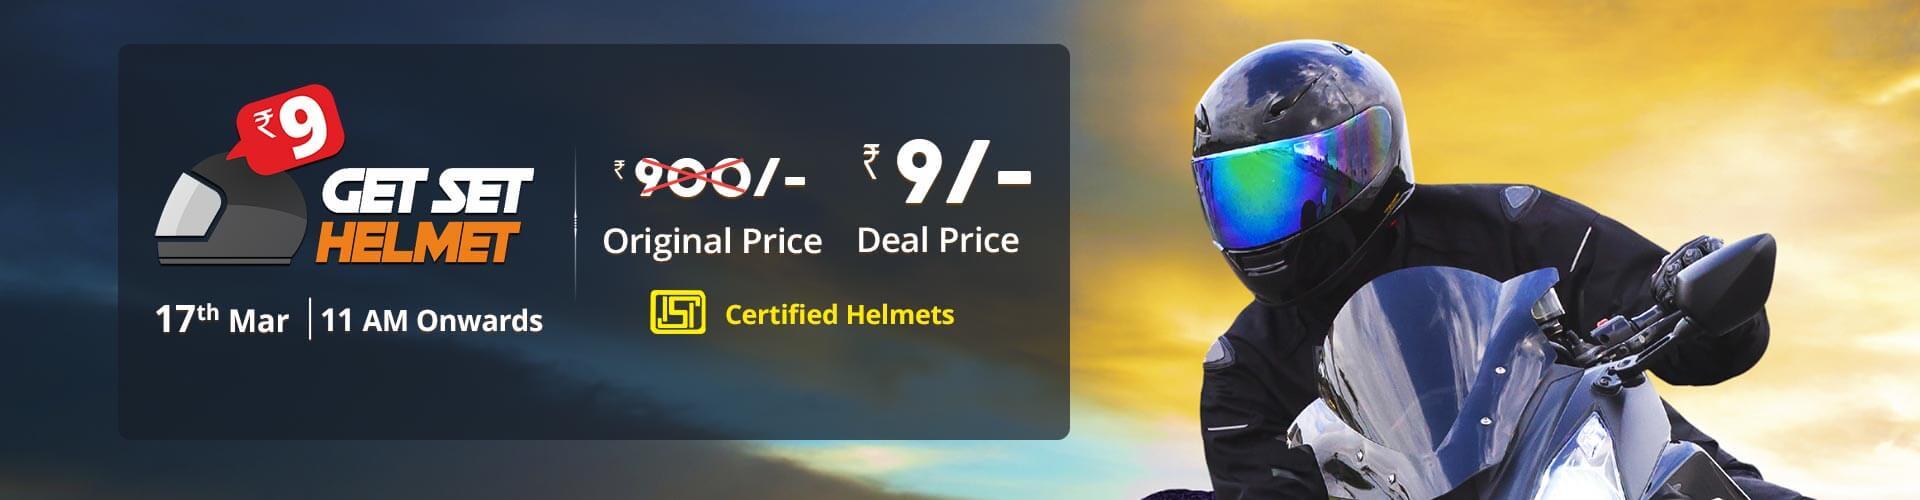 get set helmet